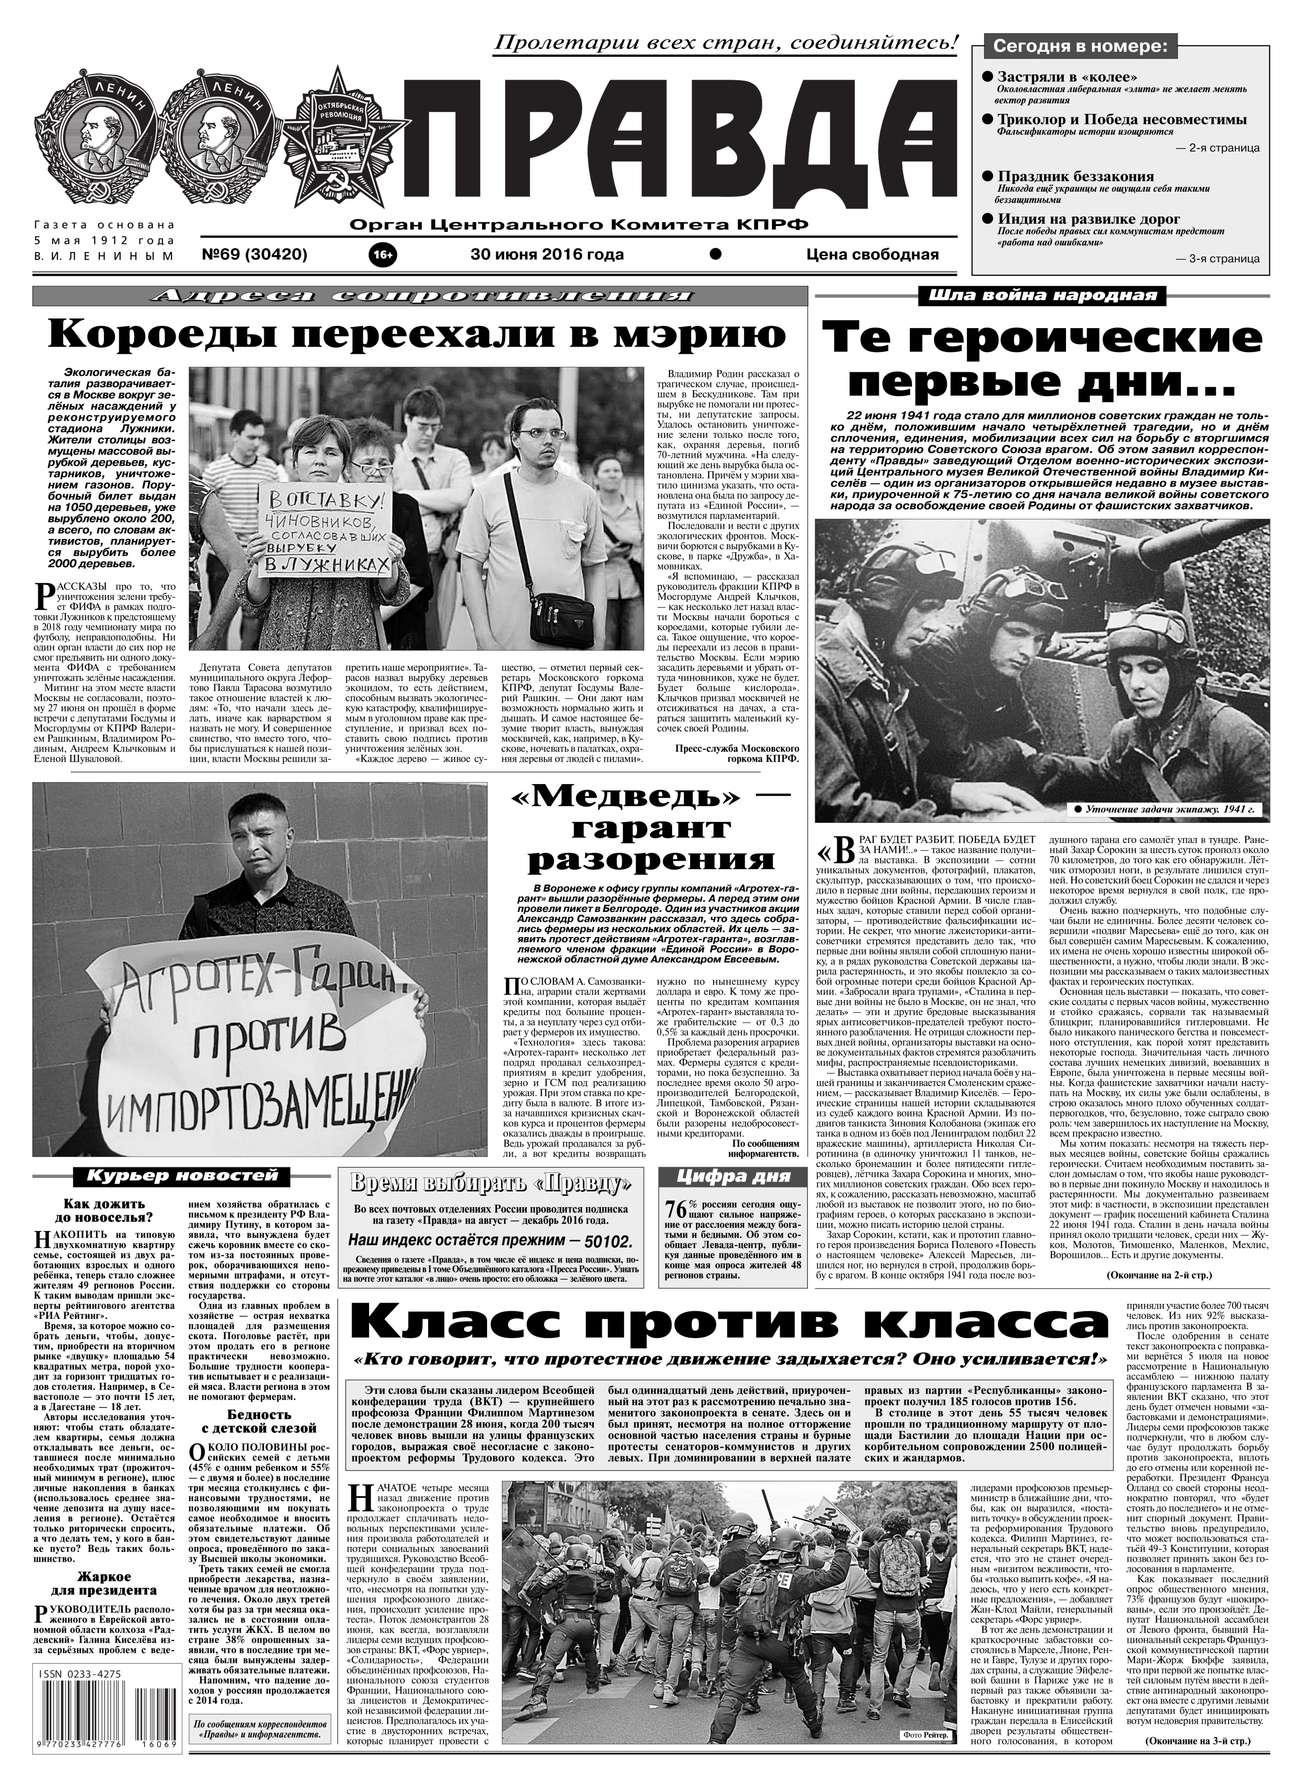 Редакция газеты Правда Правда 69-2016 редакция газеты правда правда 69 2017